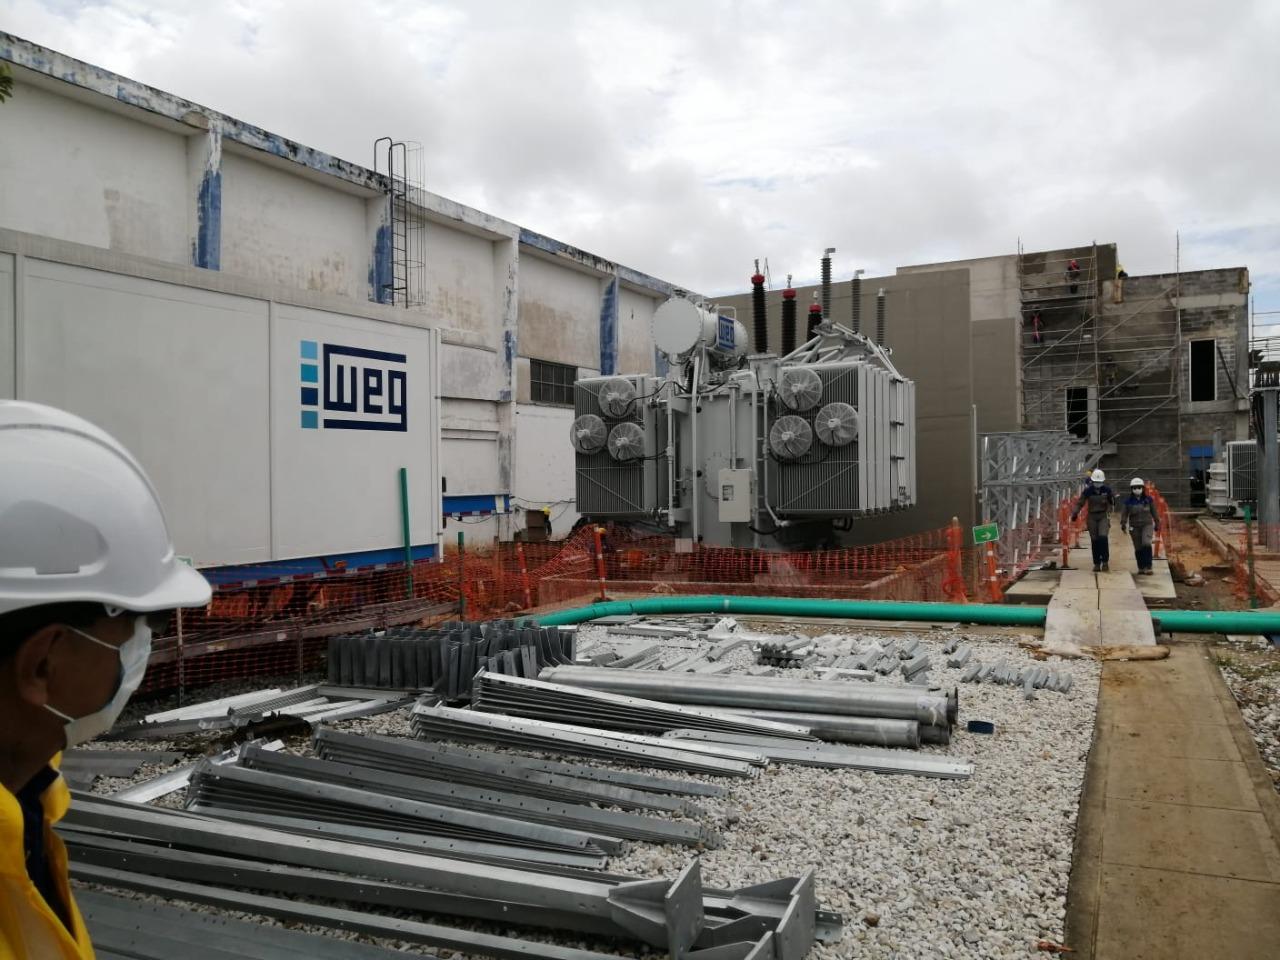 Mejora el servicio de energía en un 31% en Atlántico, Magdalena y La Guajira – @Aire_Energia